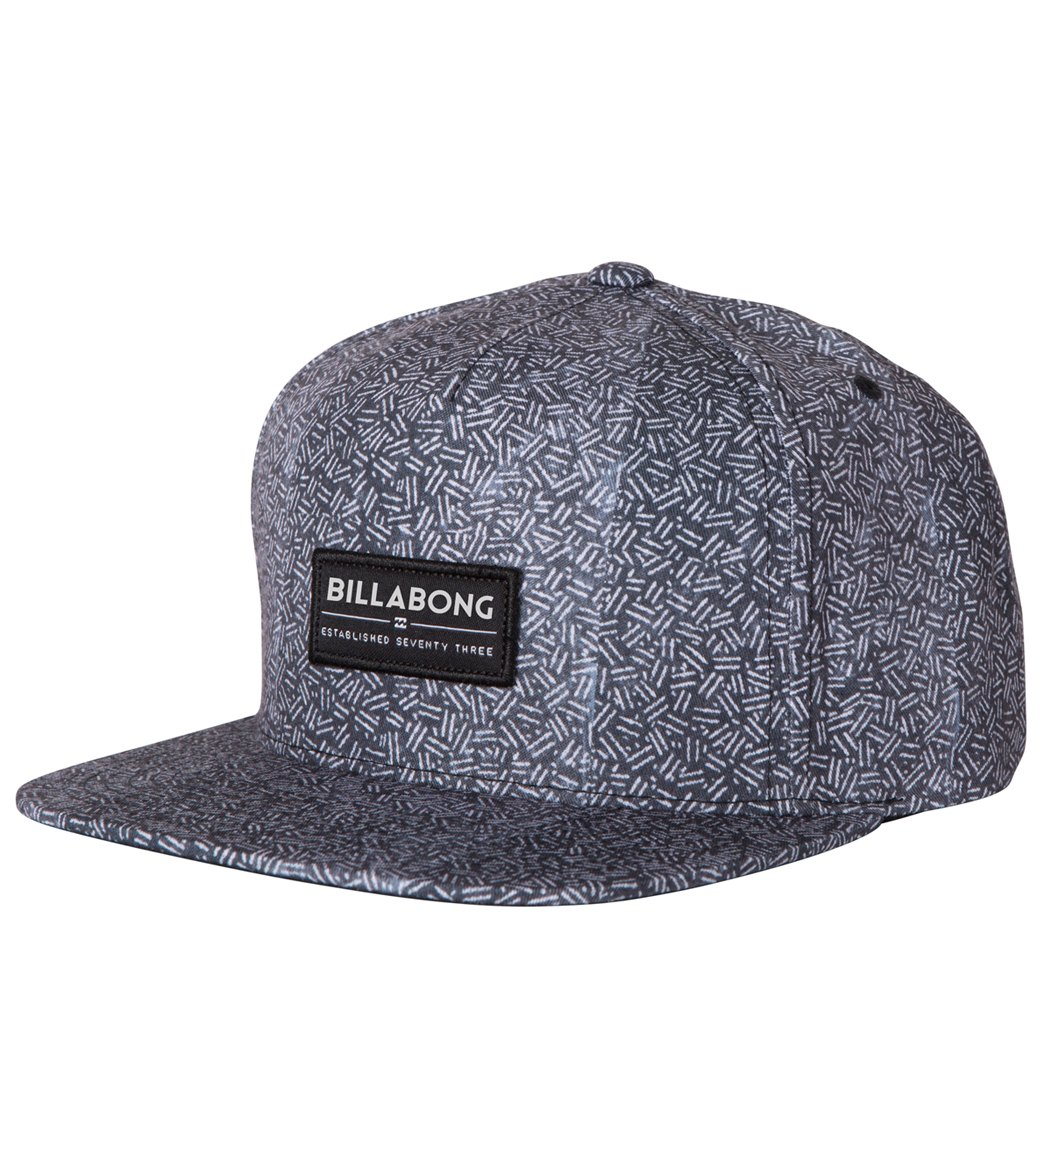 Billabong Men s Rider Hat at SwimOutlet.com 3443bfad380b